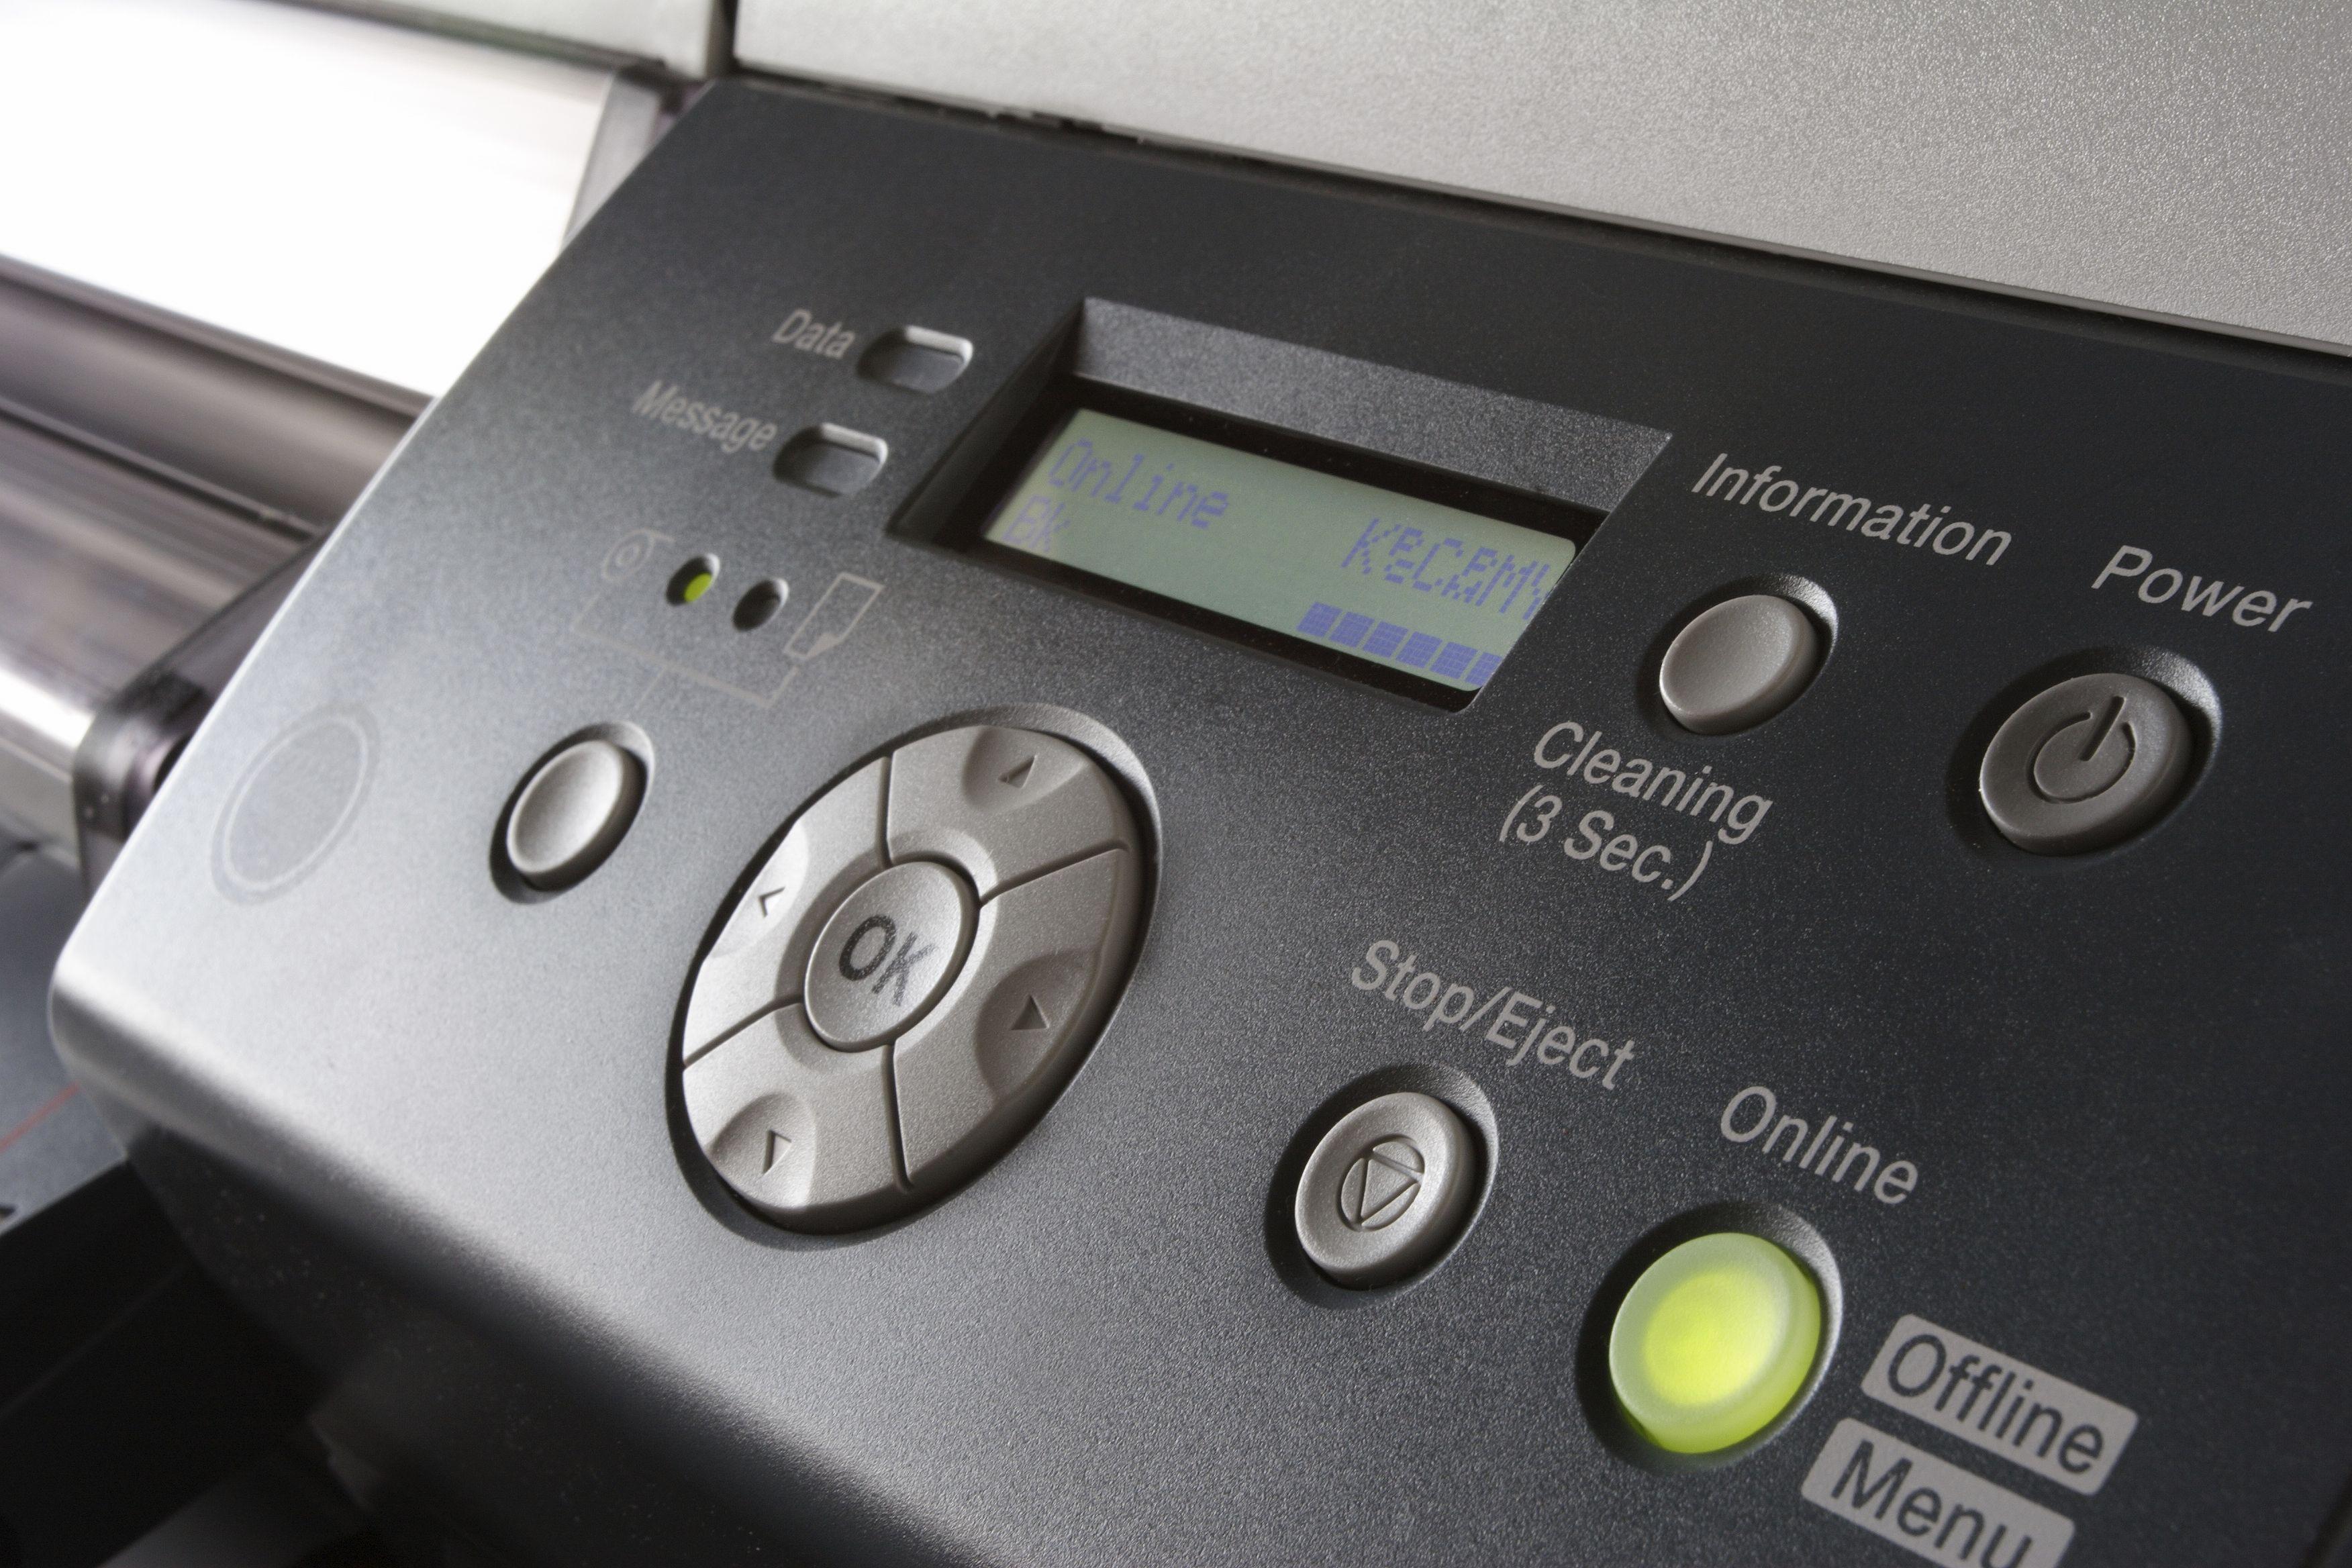 Encuadernación y fotocopias: Productos y Servicios de Grafifoto2000 S.L.